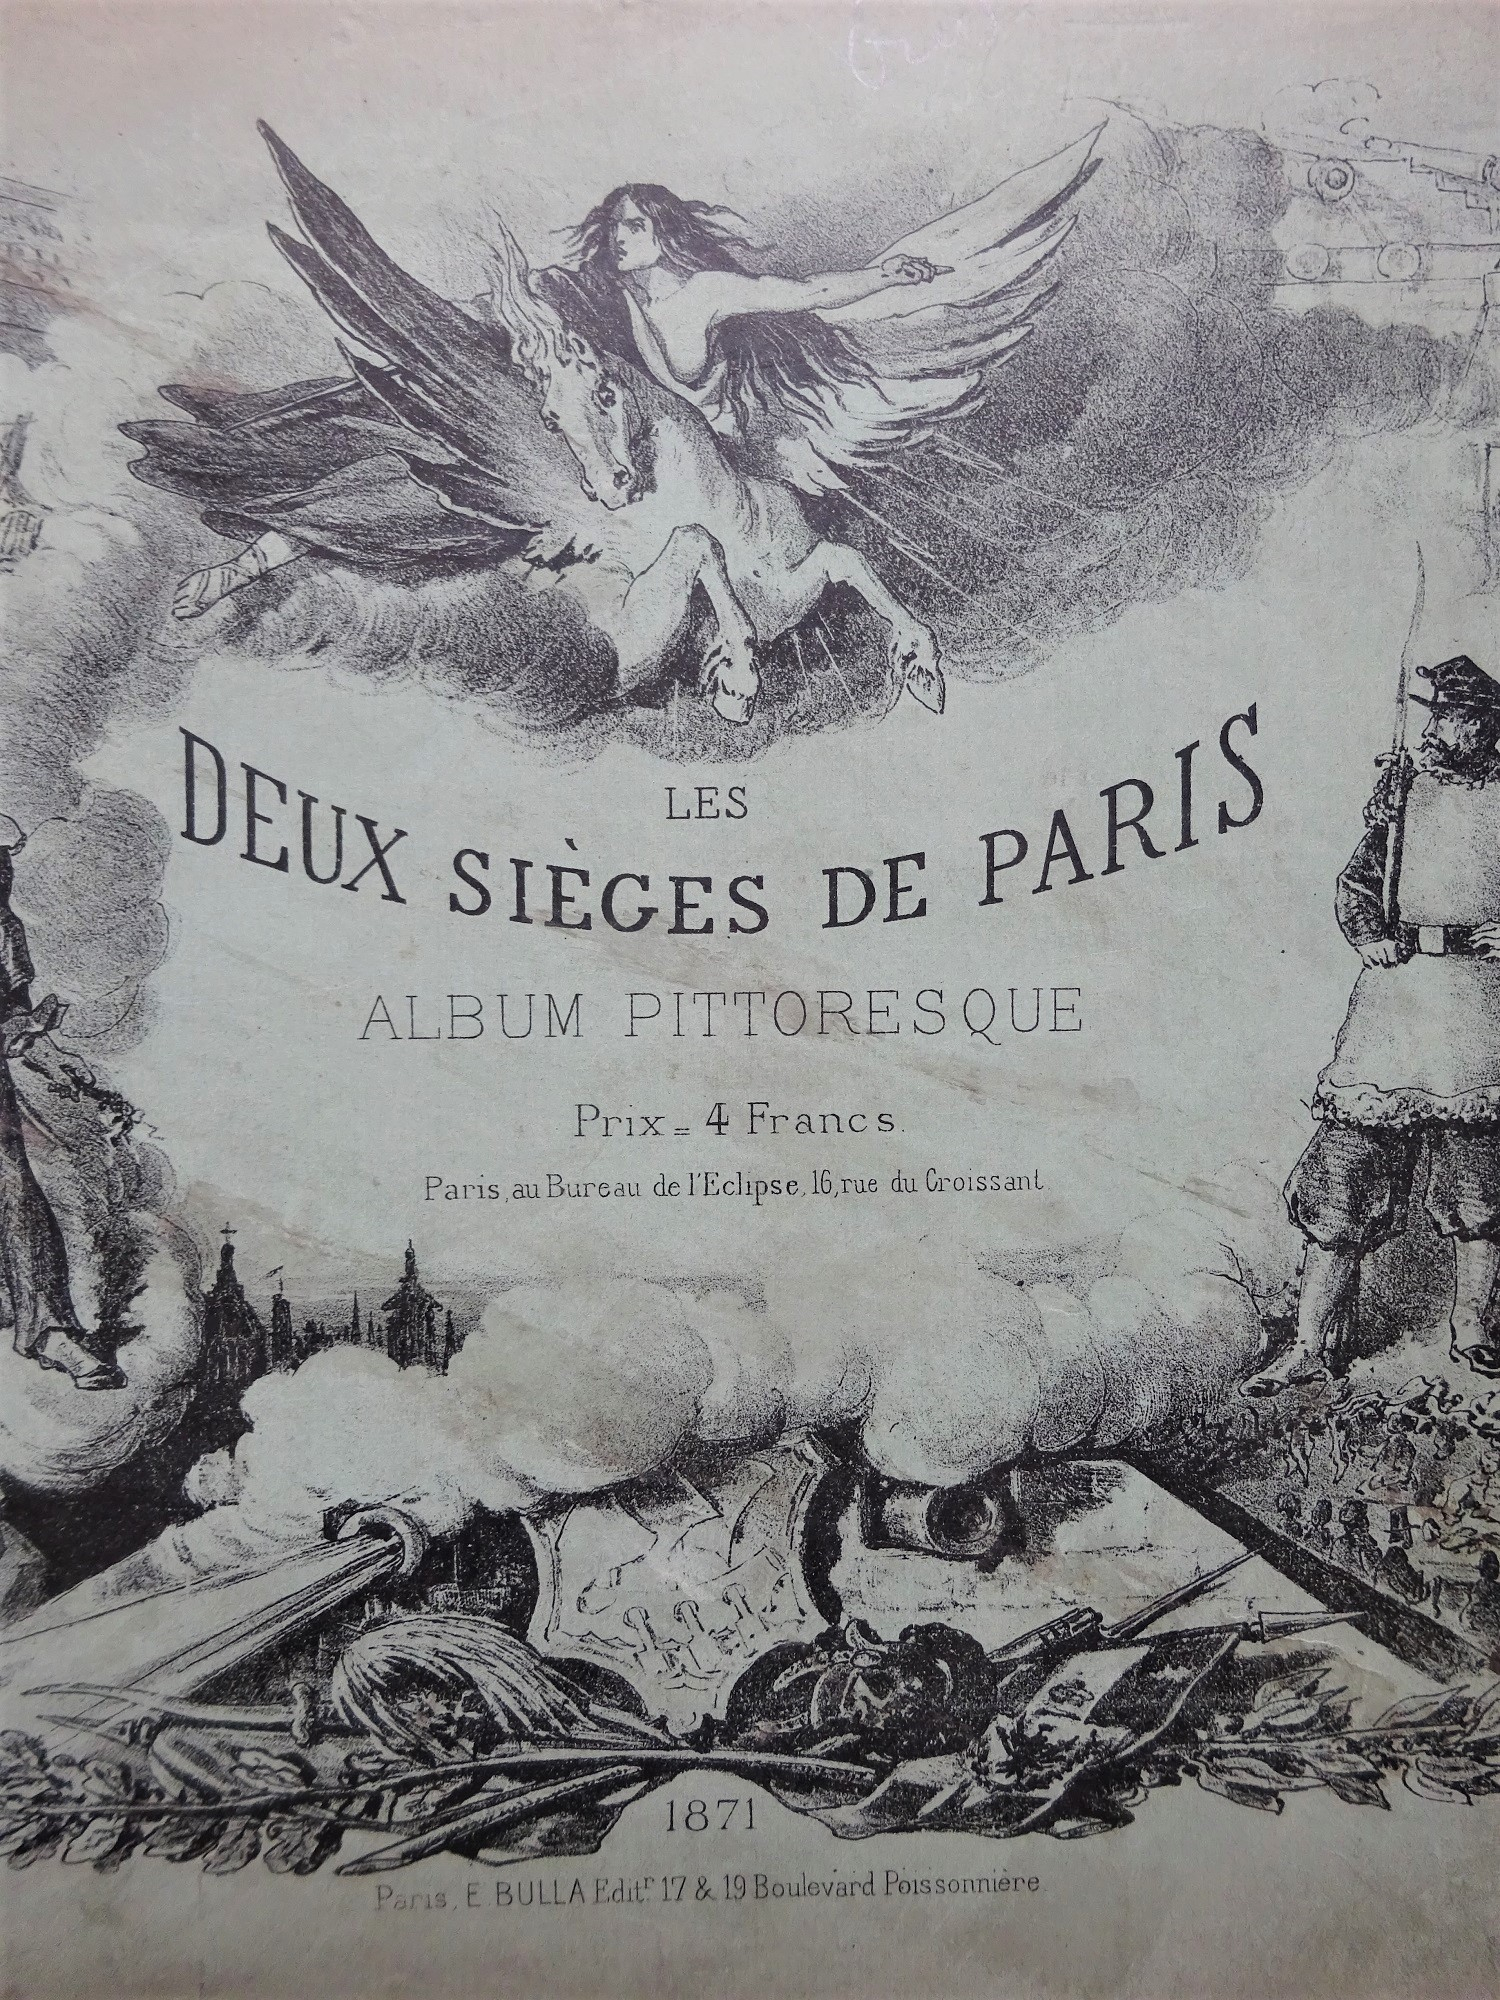 Les deux sièges de Paris. Album pittoresque